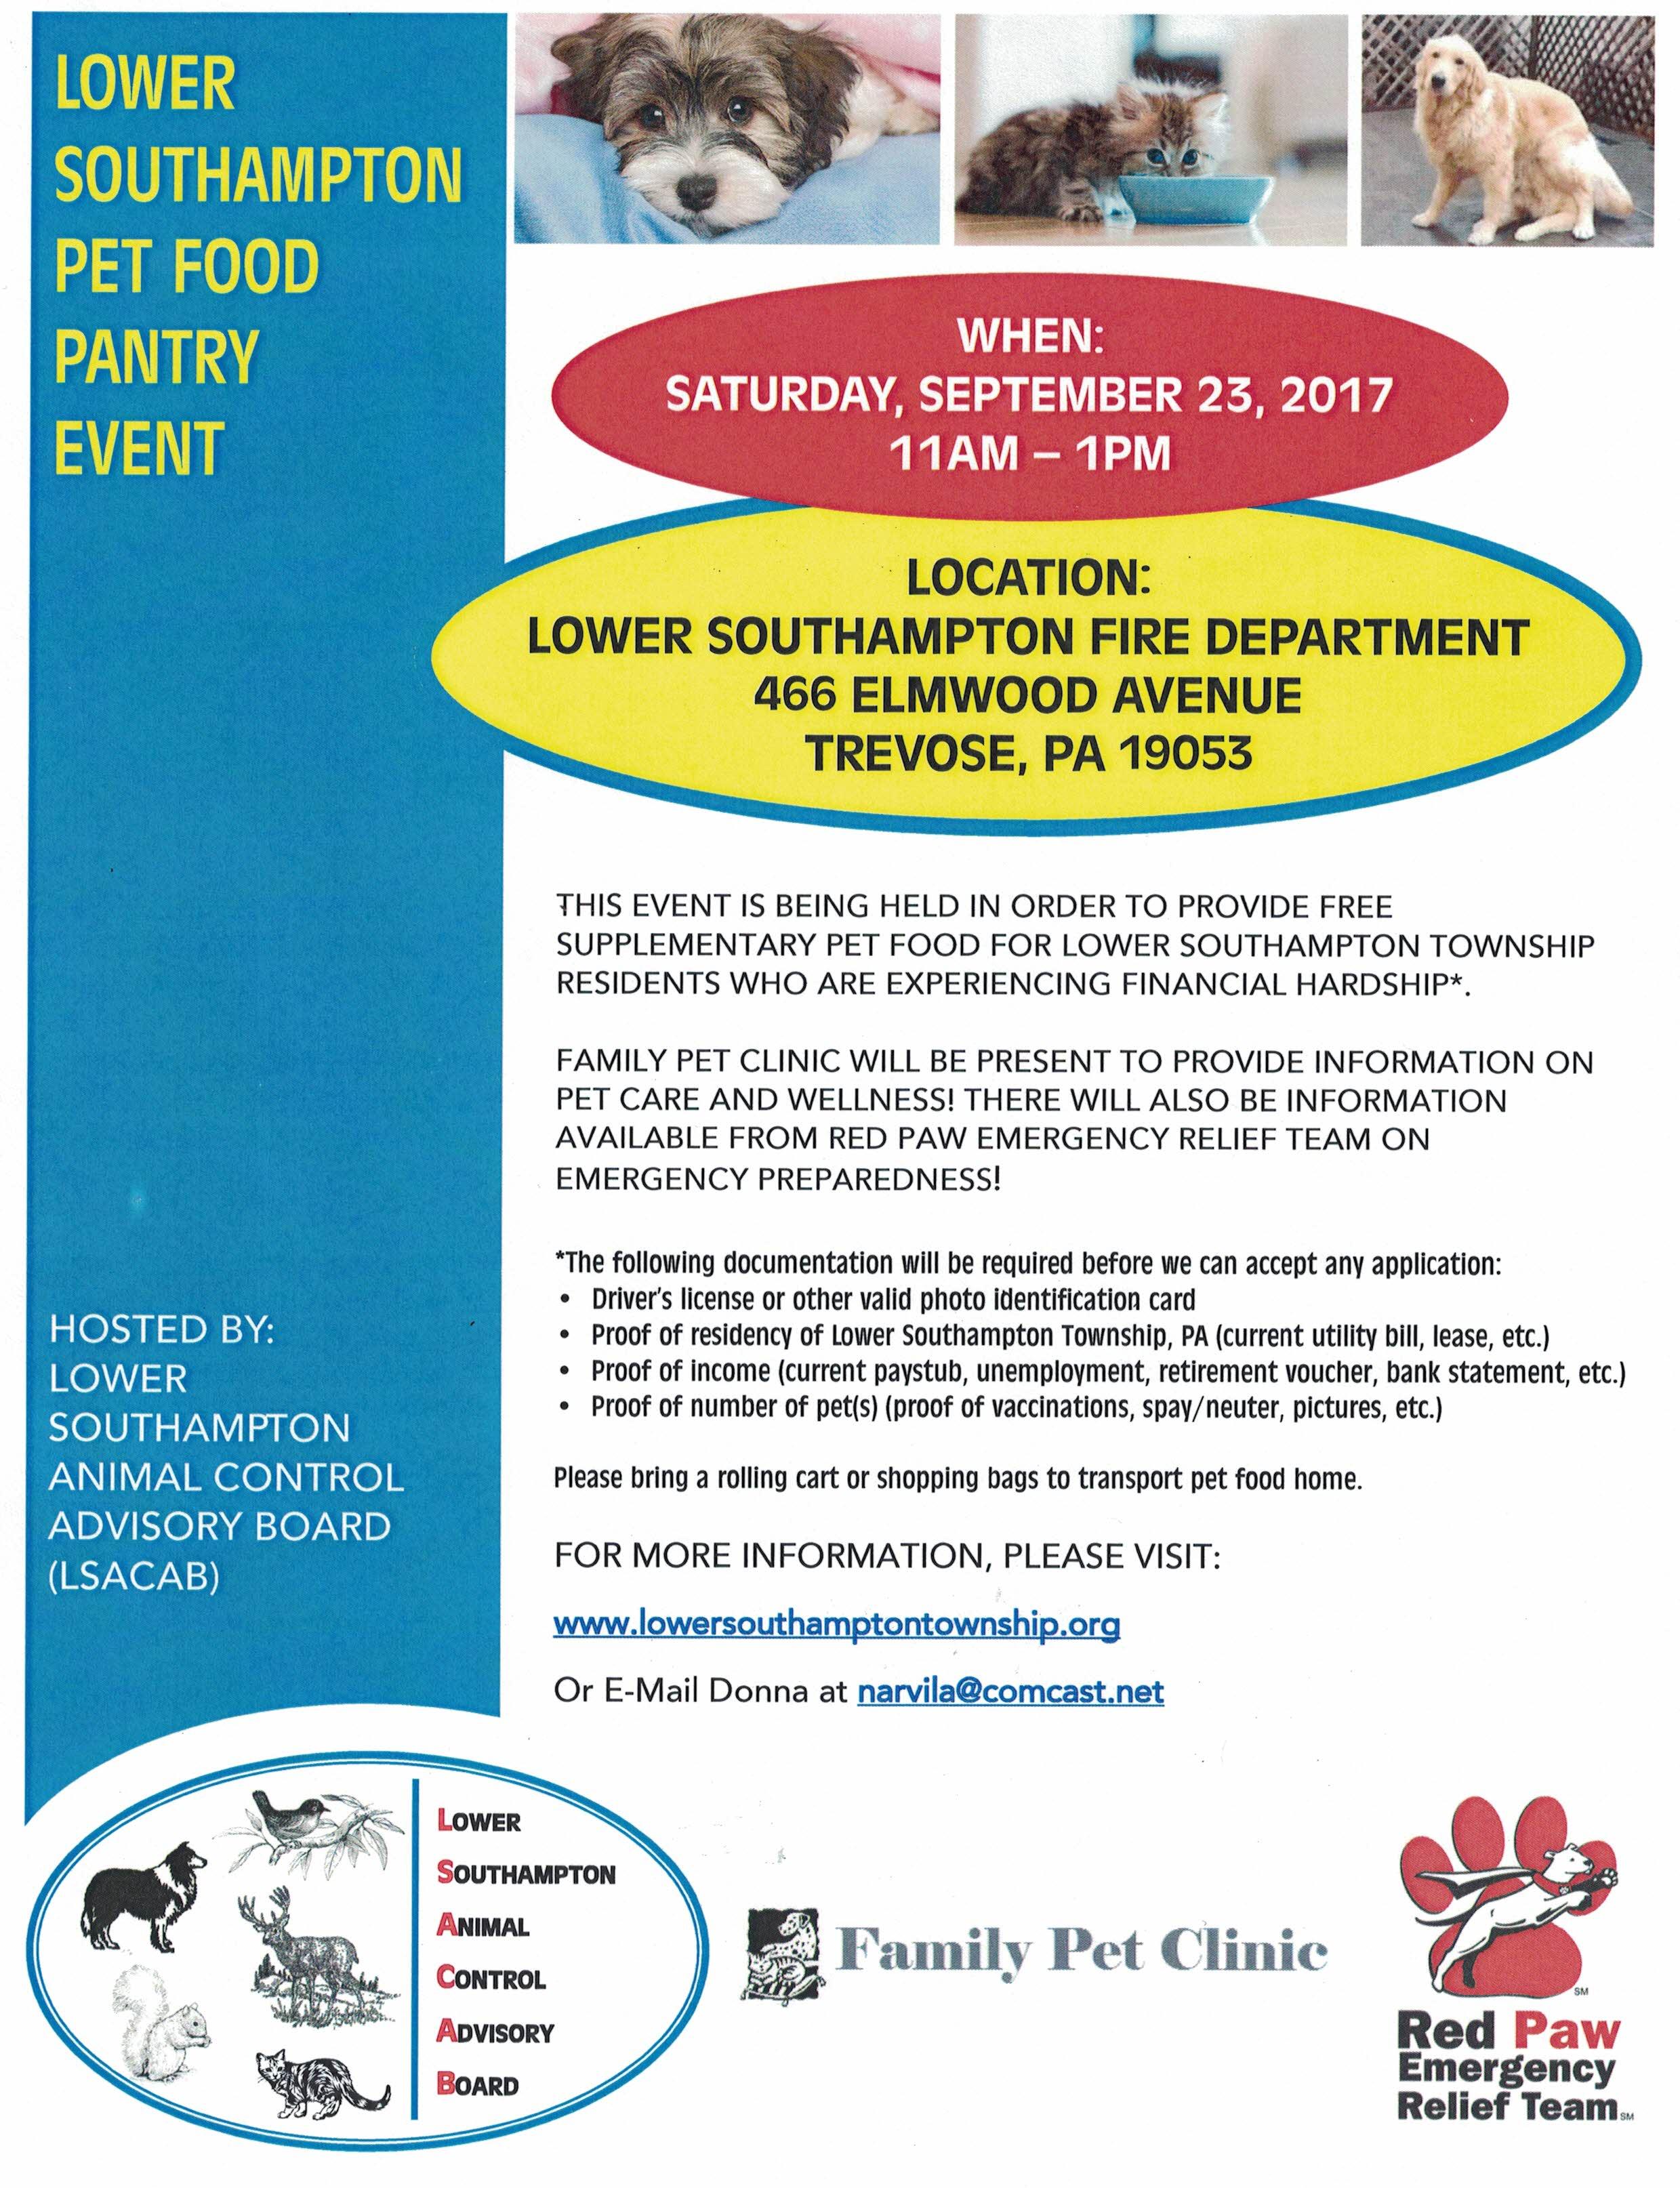 pet food event flyer